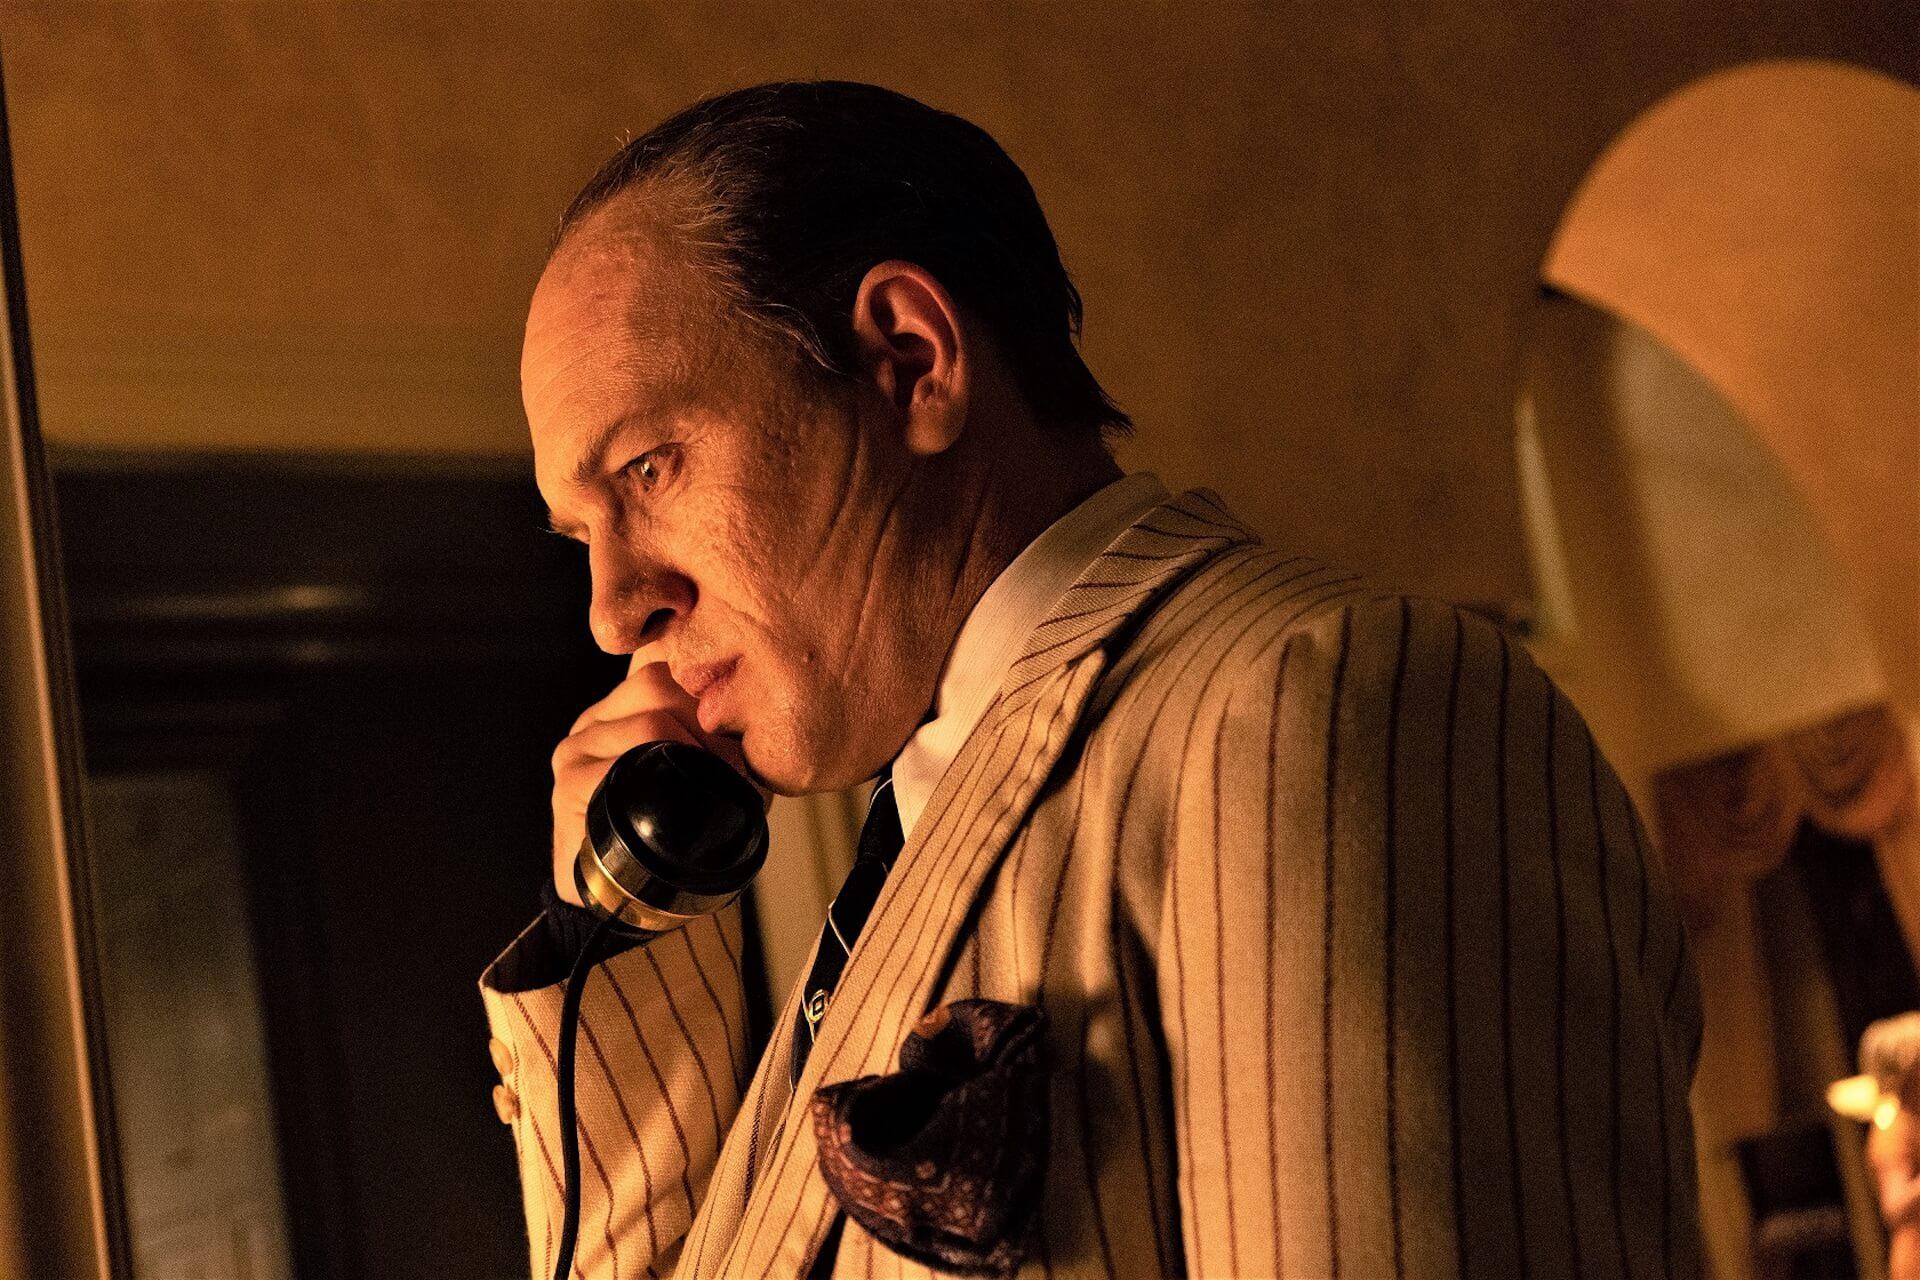 晩年のアル・カポネを演じるトム・ハーディの魅力に迫る!『カポネ』の新場面写真&特別エピソードが到着 film210125_capone_4